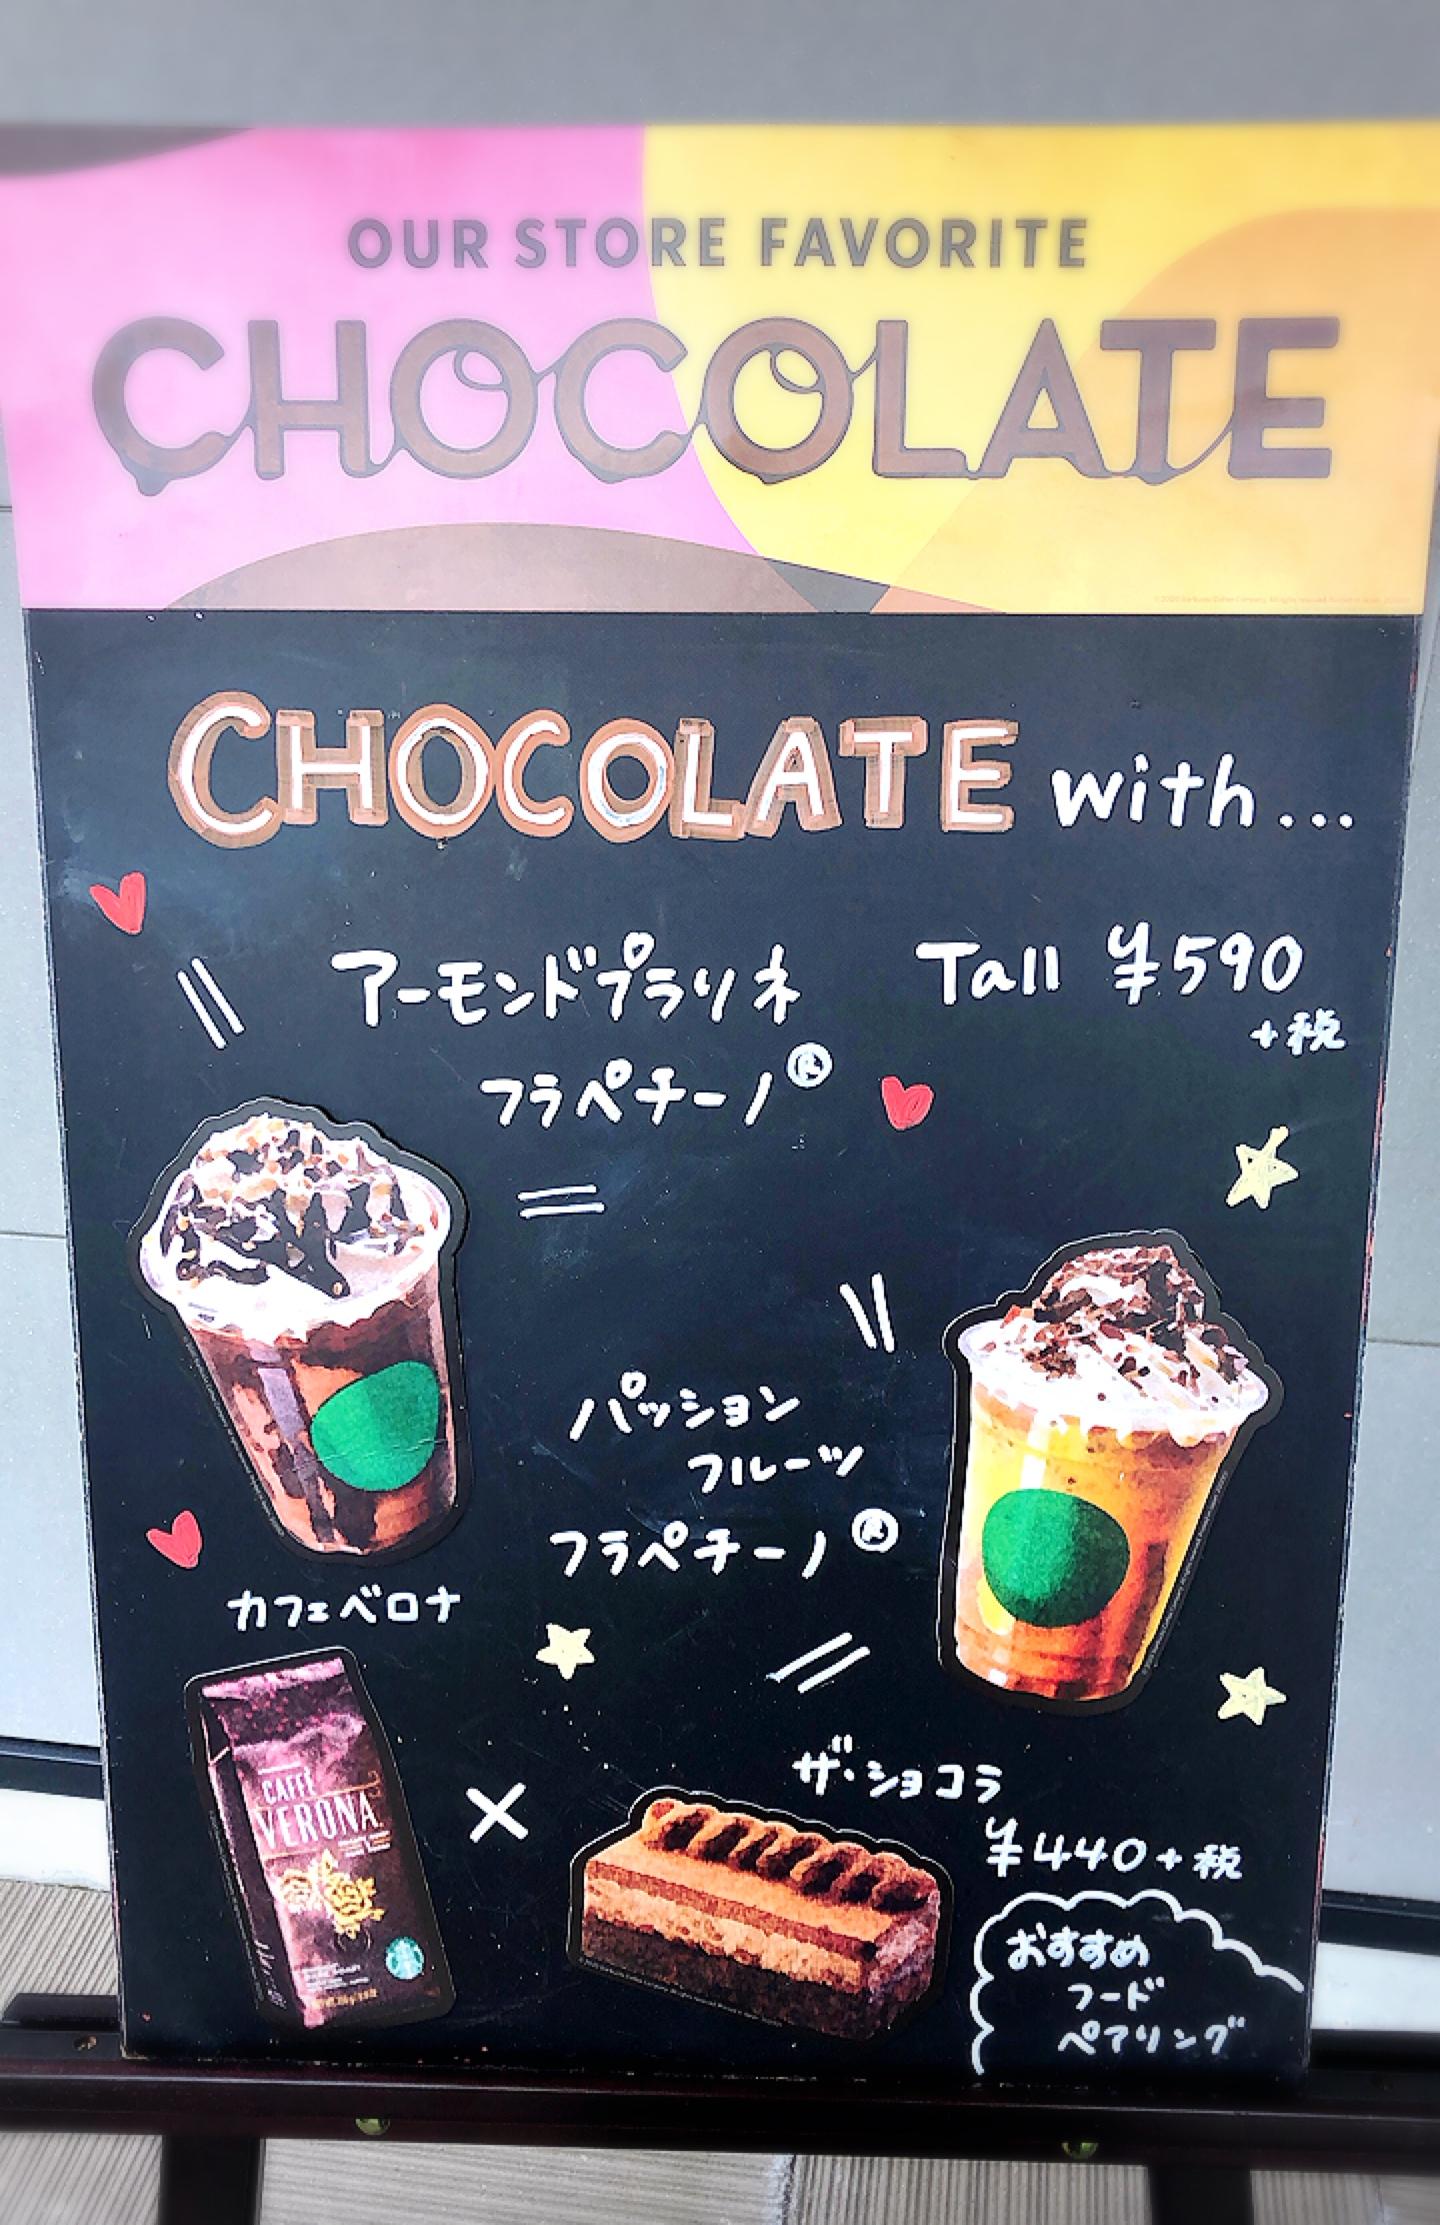 【#スタバ】本日1/17〜☆!チョコレート×アーモンド( ´ ▽ ` )♡新作のフラペチーノをいただいてきました♩_5